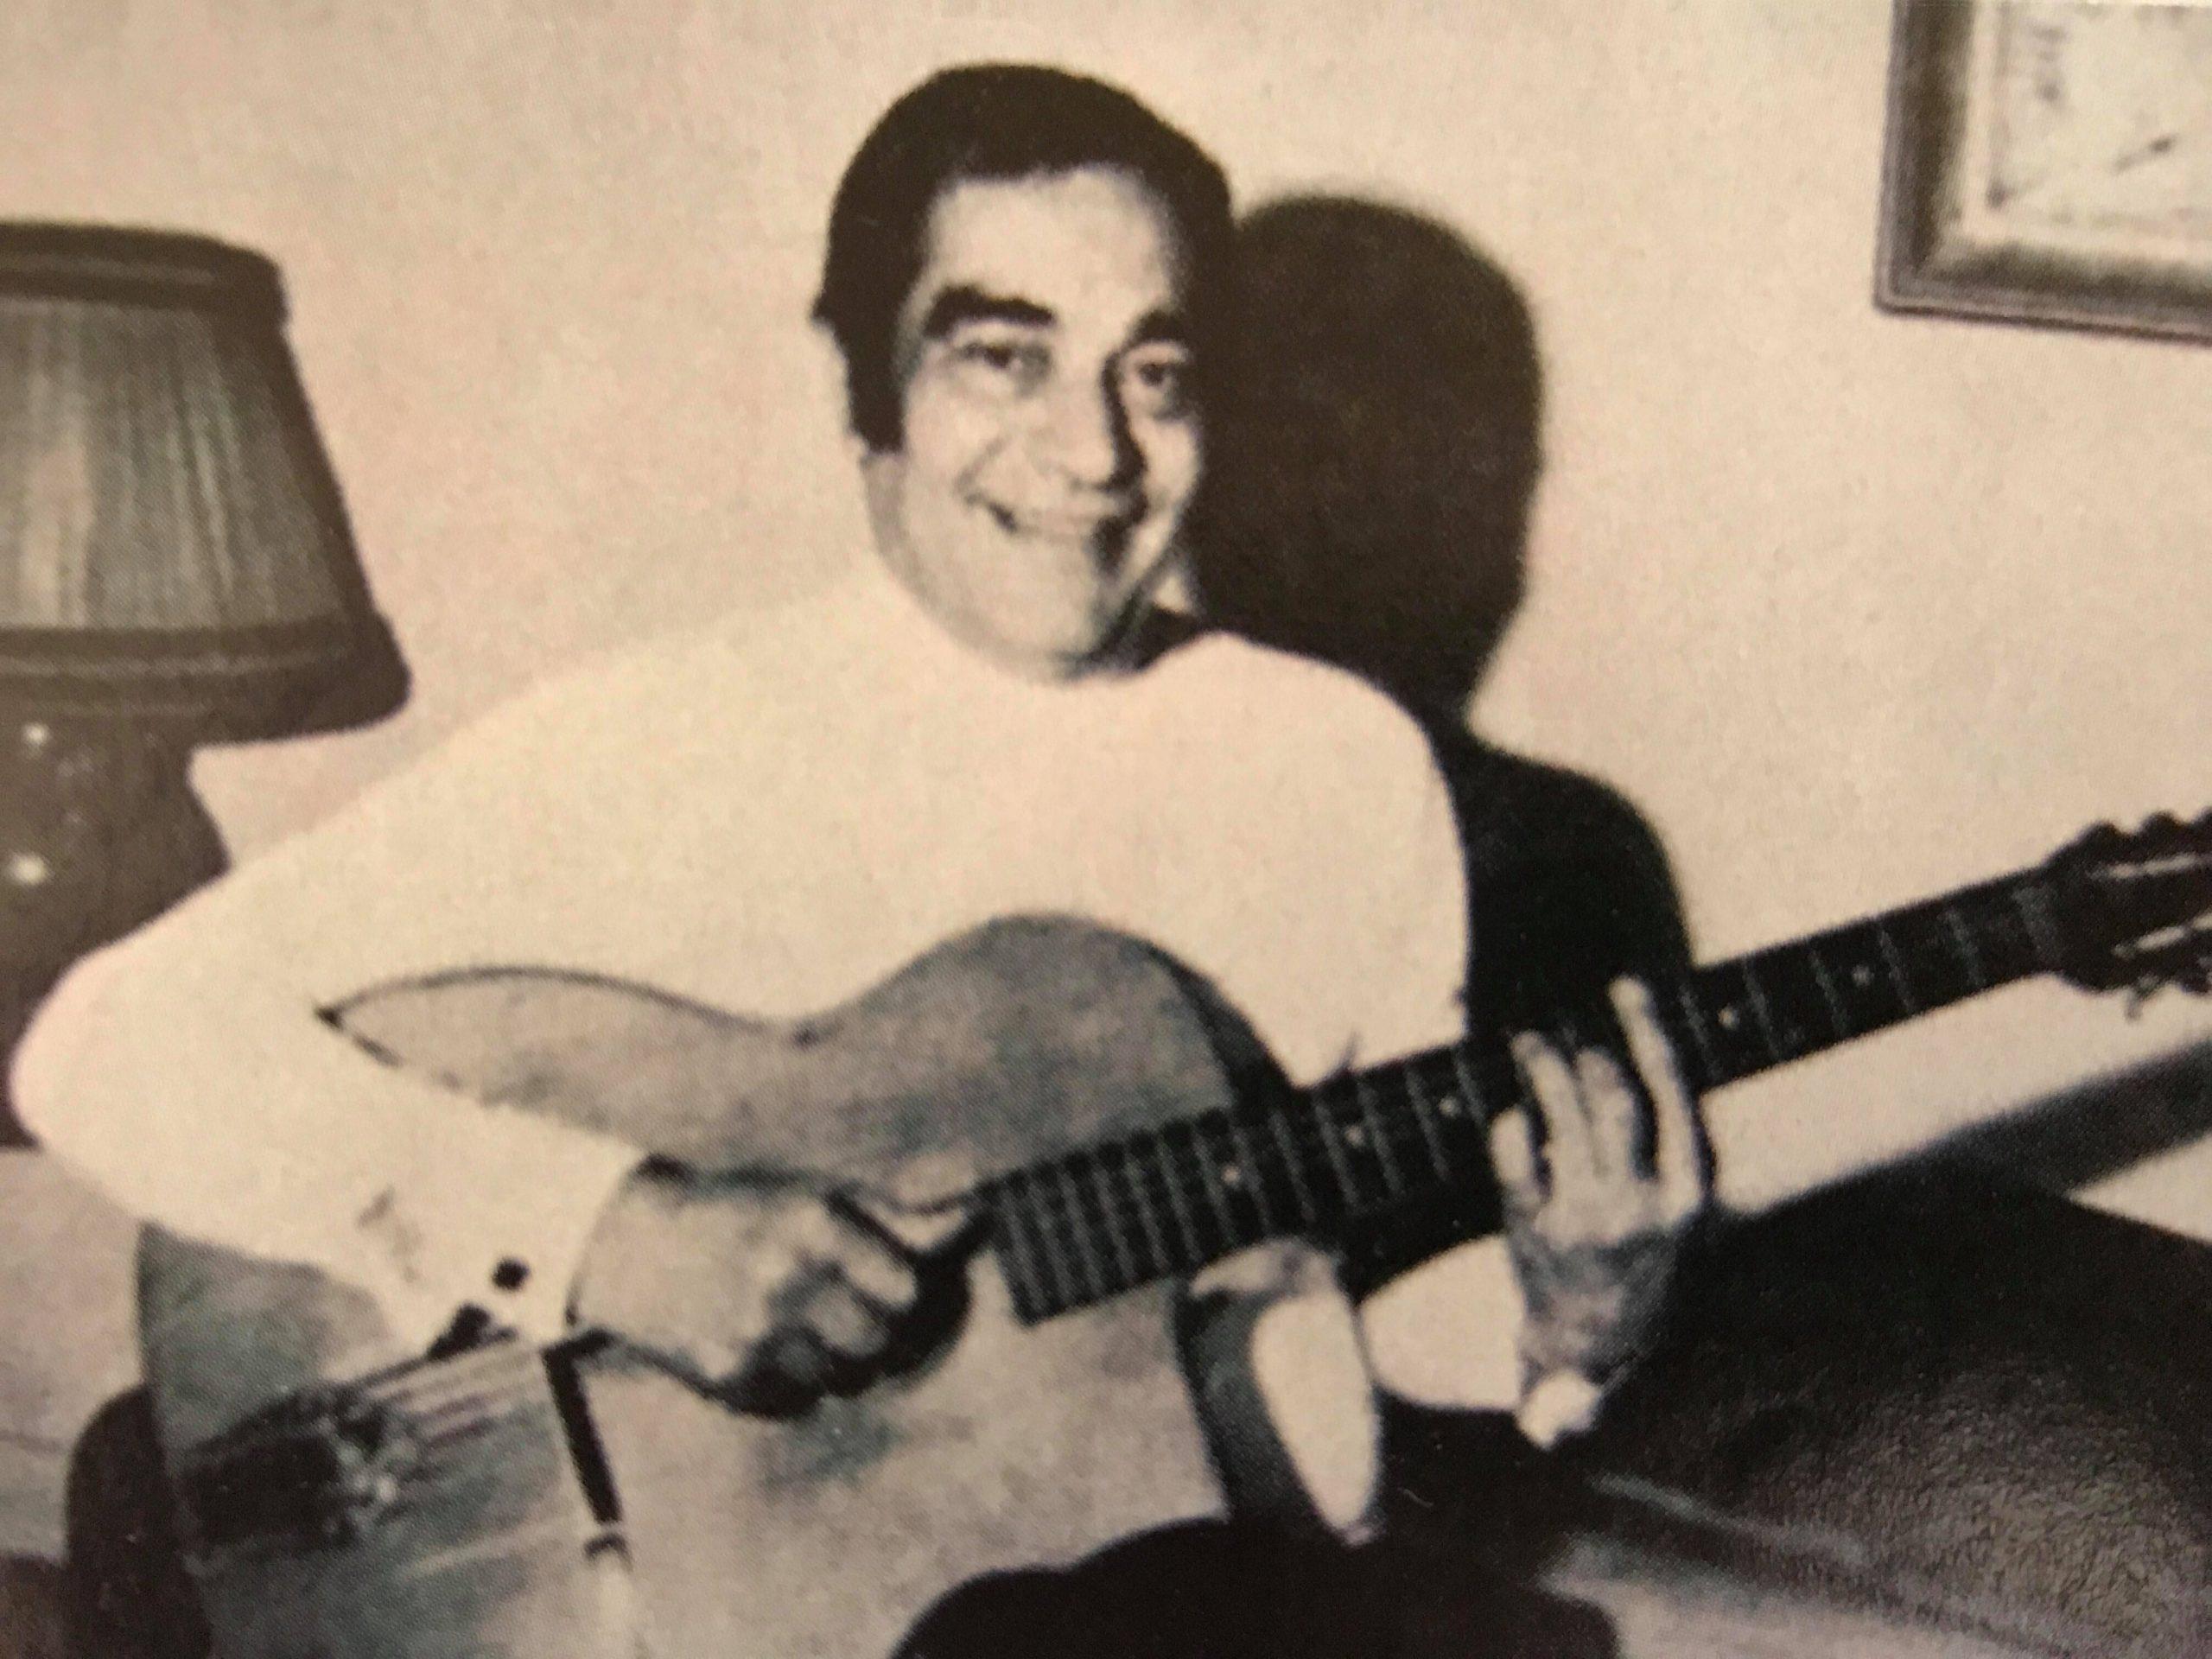 Baro Ferret dans les années 1970